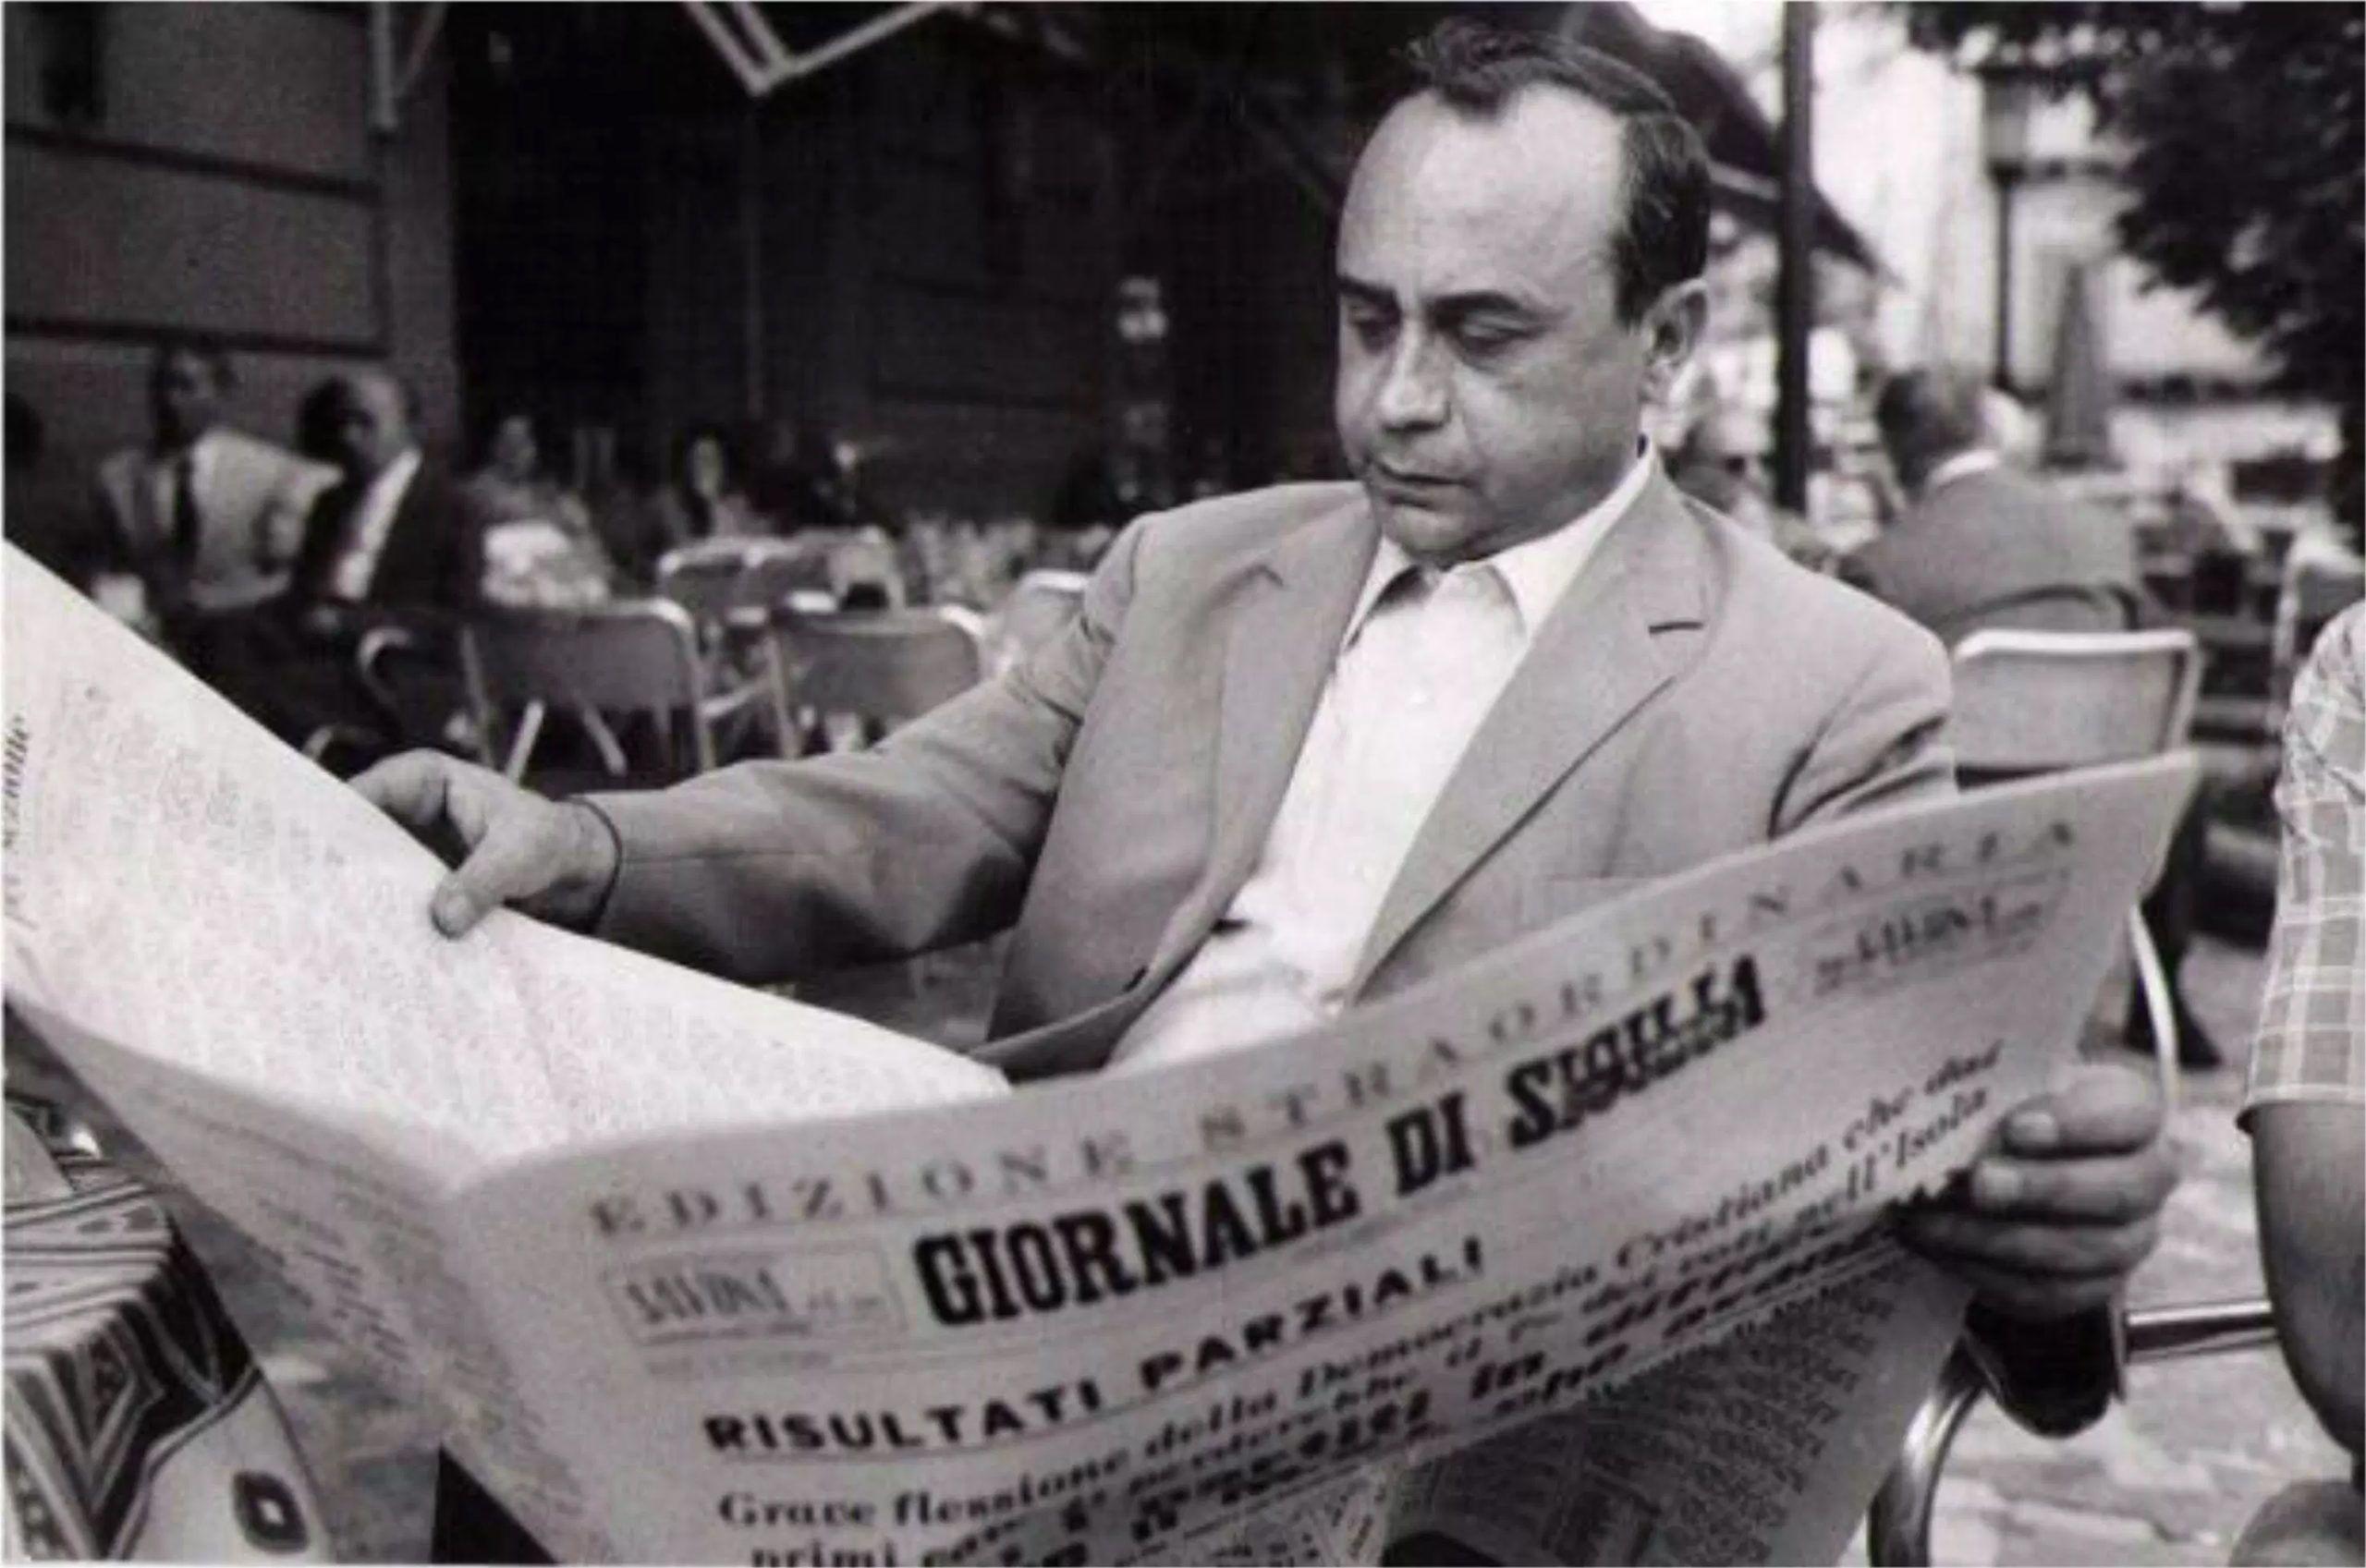 Muore a scuola la speranza degli italiani antimafia